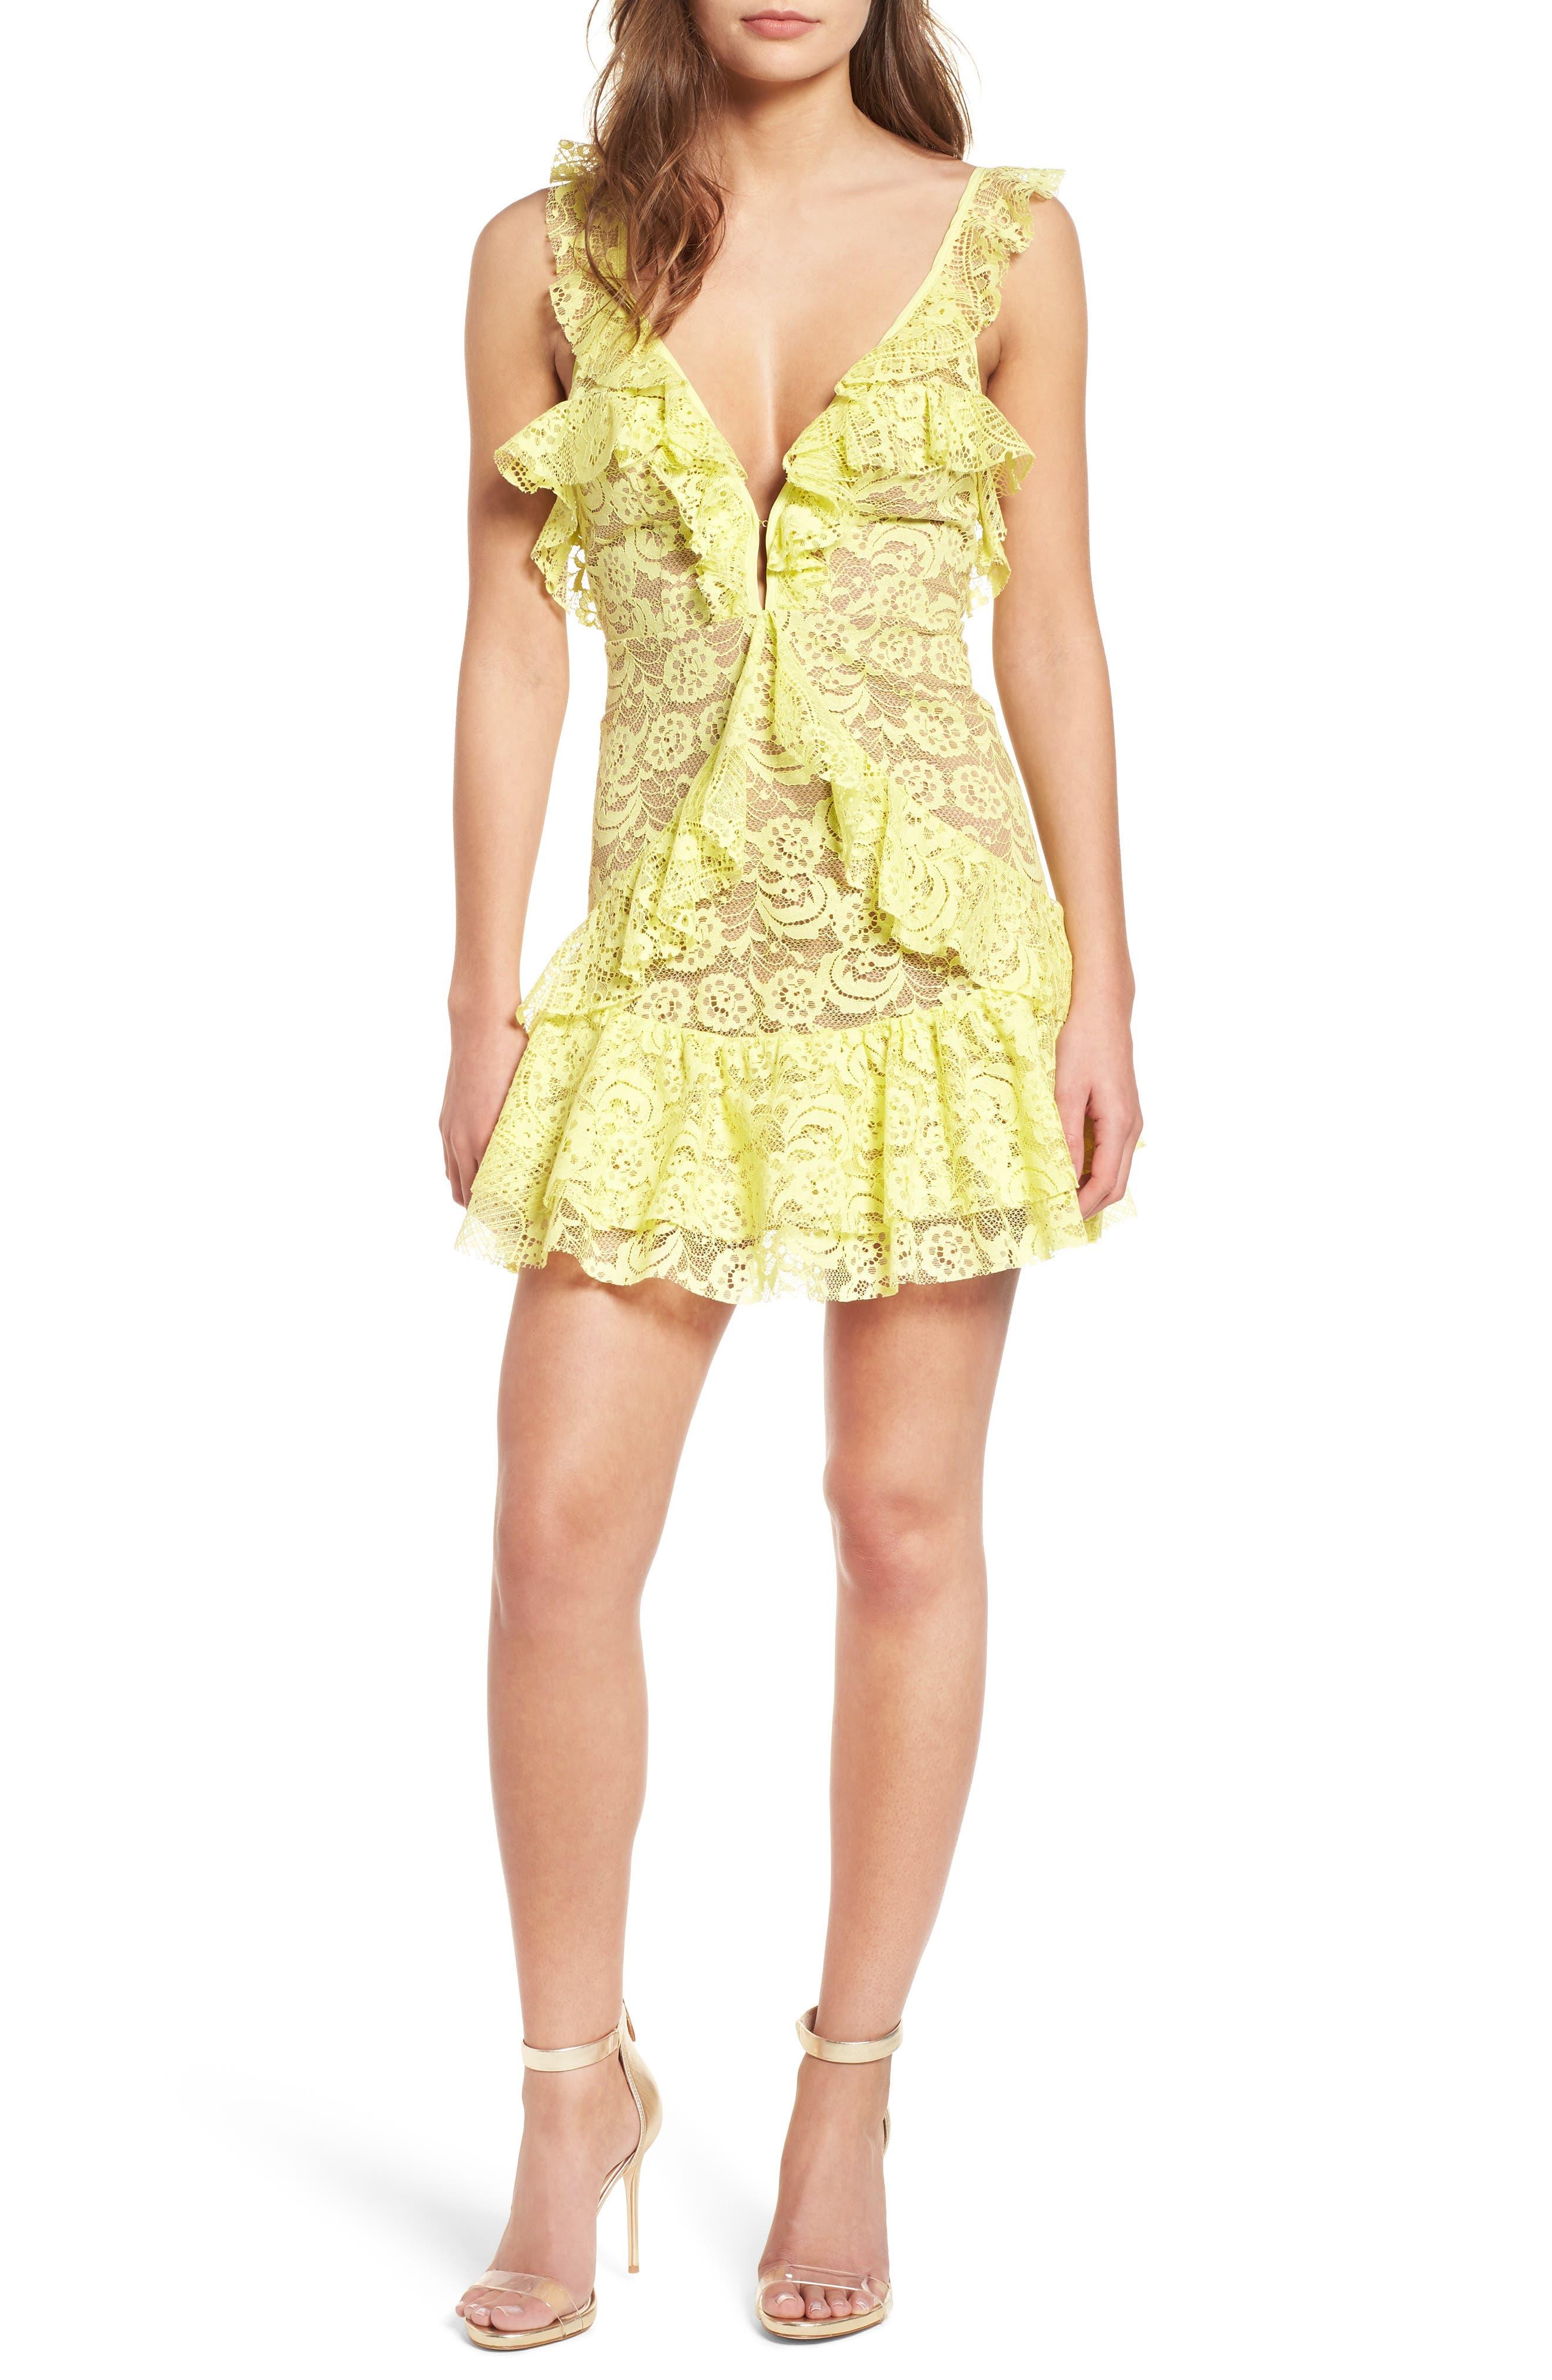 Main Image - For Love & Lemons Tati Lace Minidress